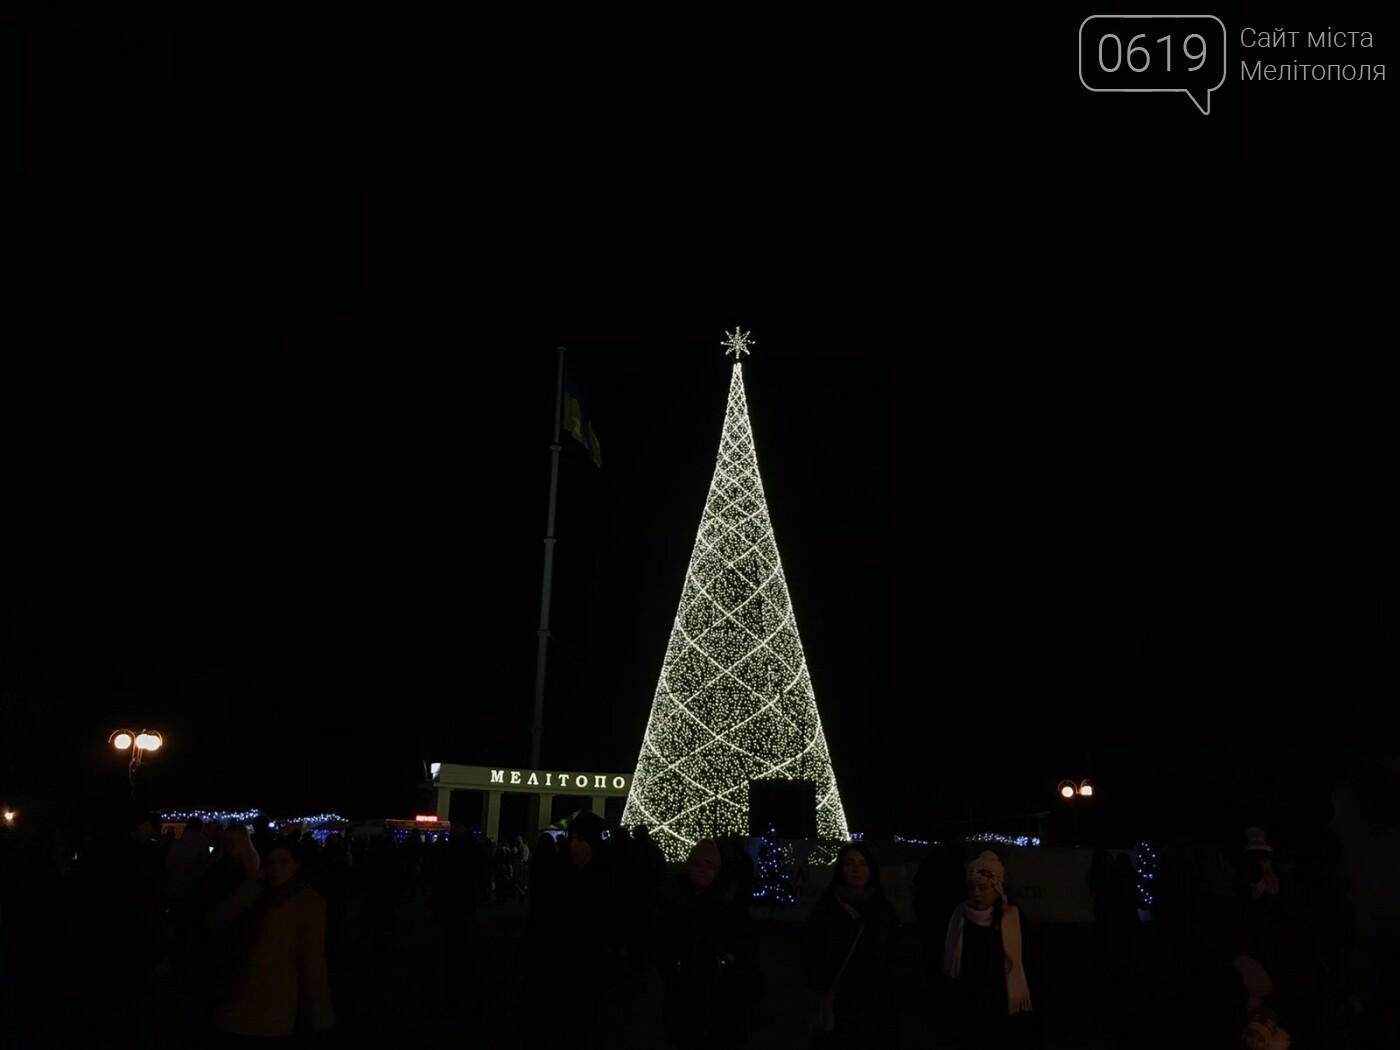 В Мелитополе зажглись тысячи огней, - ФОТО, фото-2